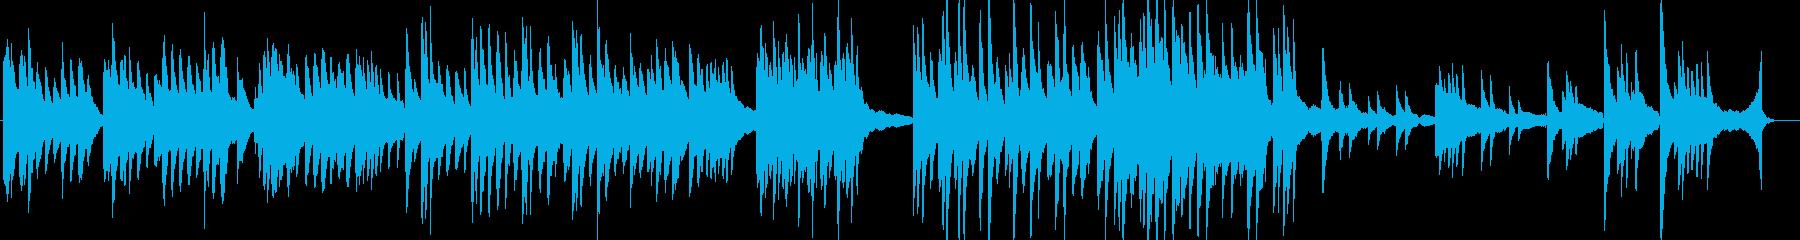 人間のどろっとした感情を表現する暗い曲の再生済みの波形